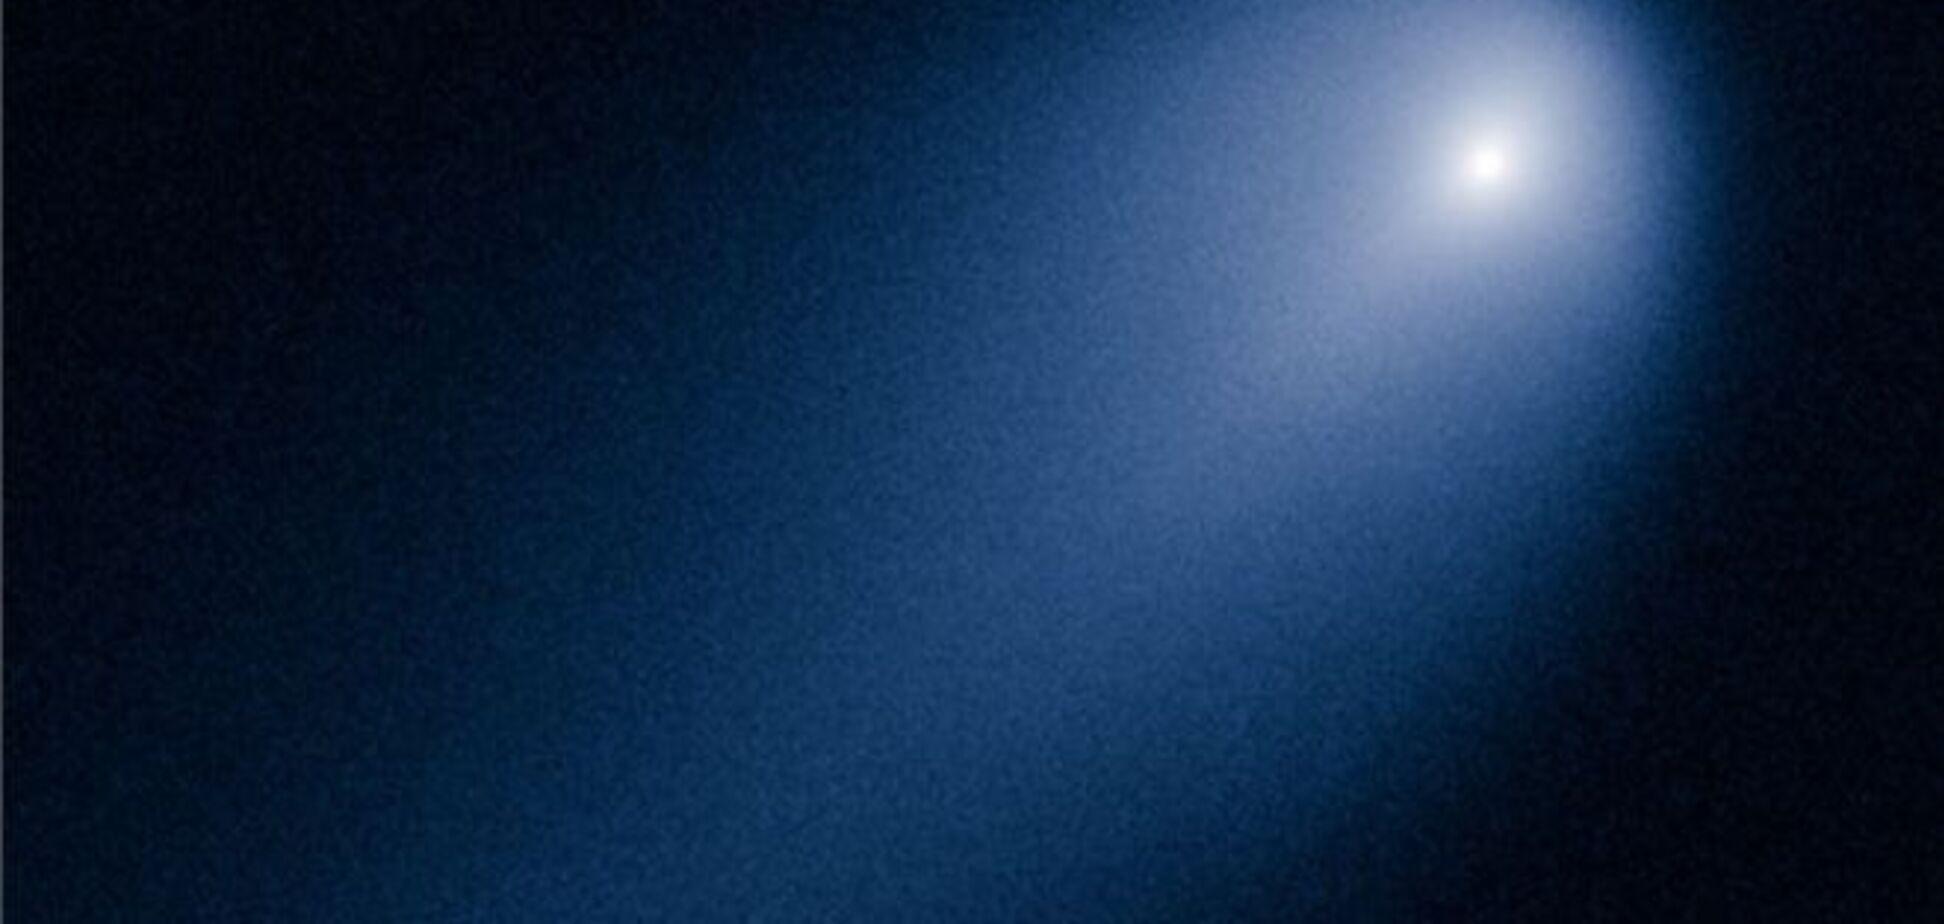 «Комета века» может не разгореться и разочаровать землян